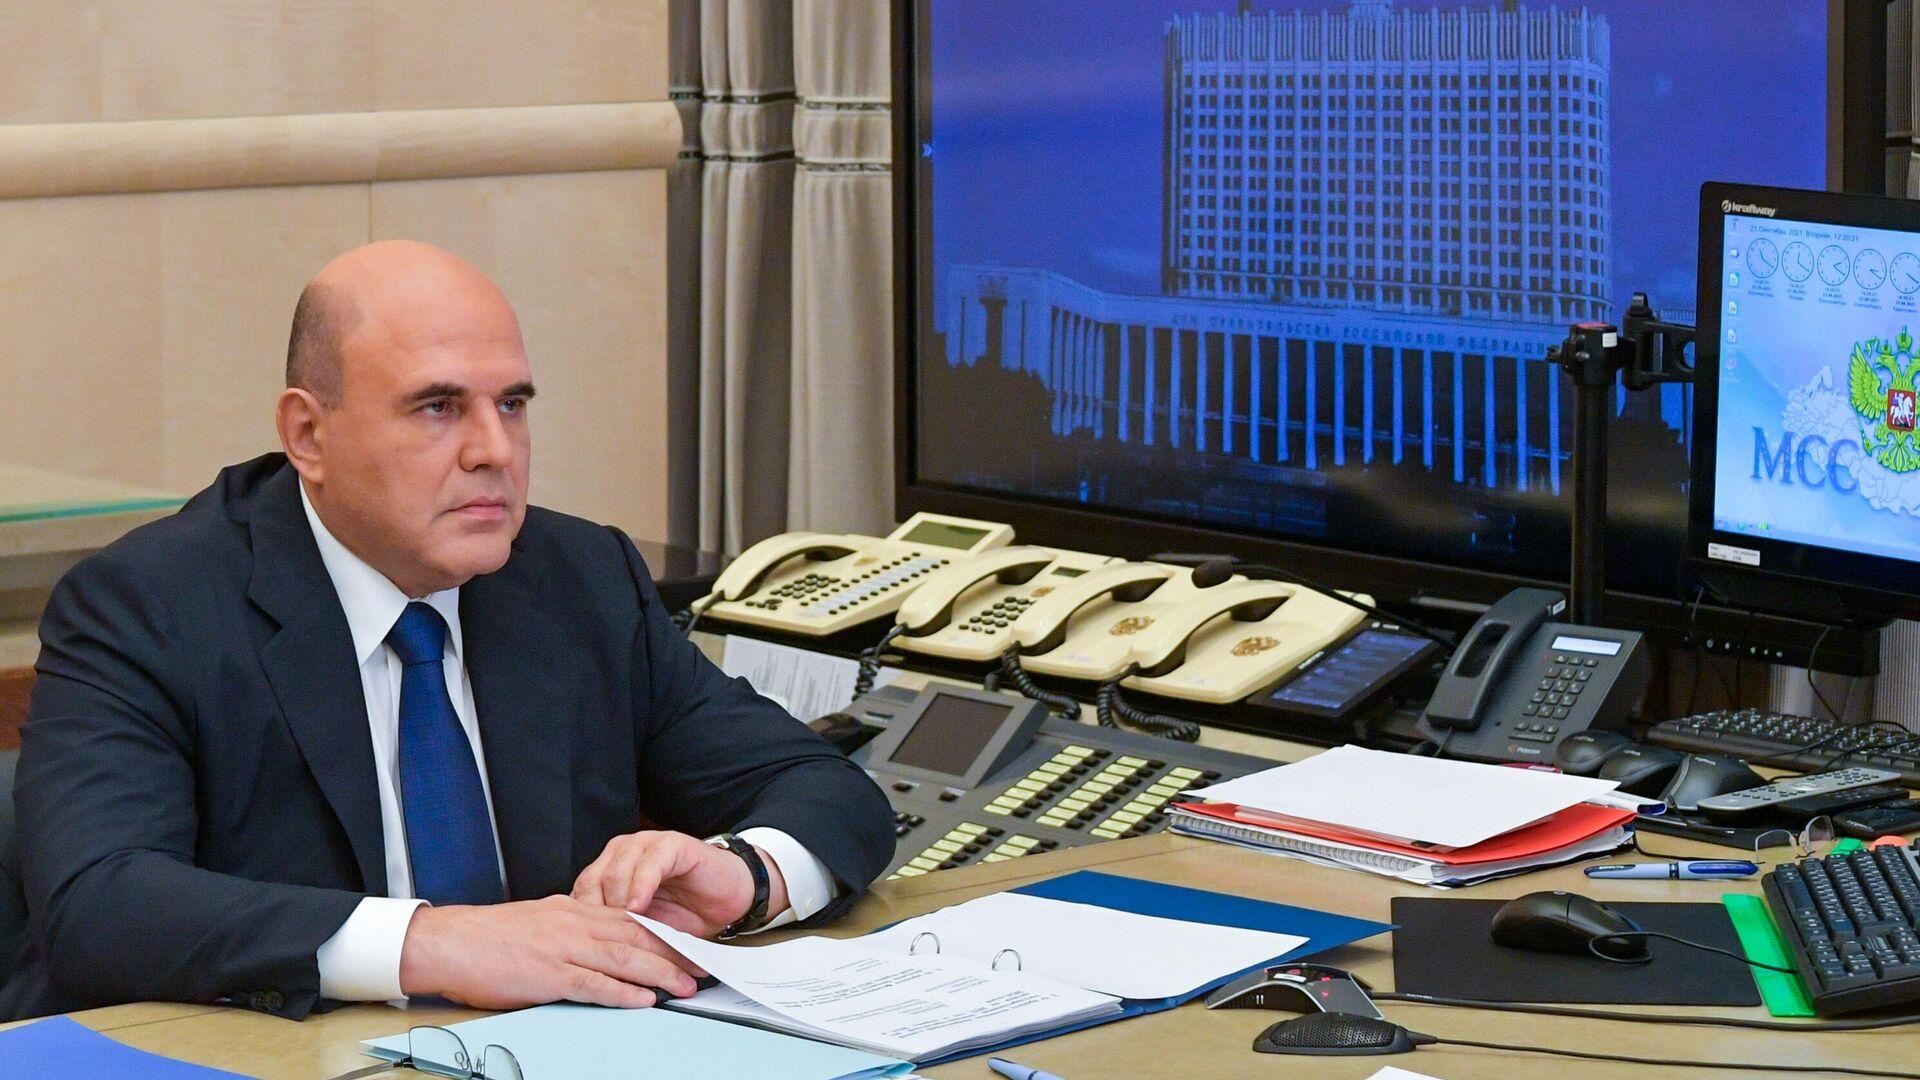 Председатель правительства РФ Михаил Мишустин проводит в режиме видеоконференции совещание с членами кабинета министров РФ - РИА Новости, 1920, 27.09.2021